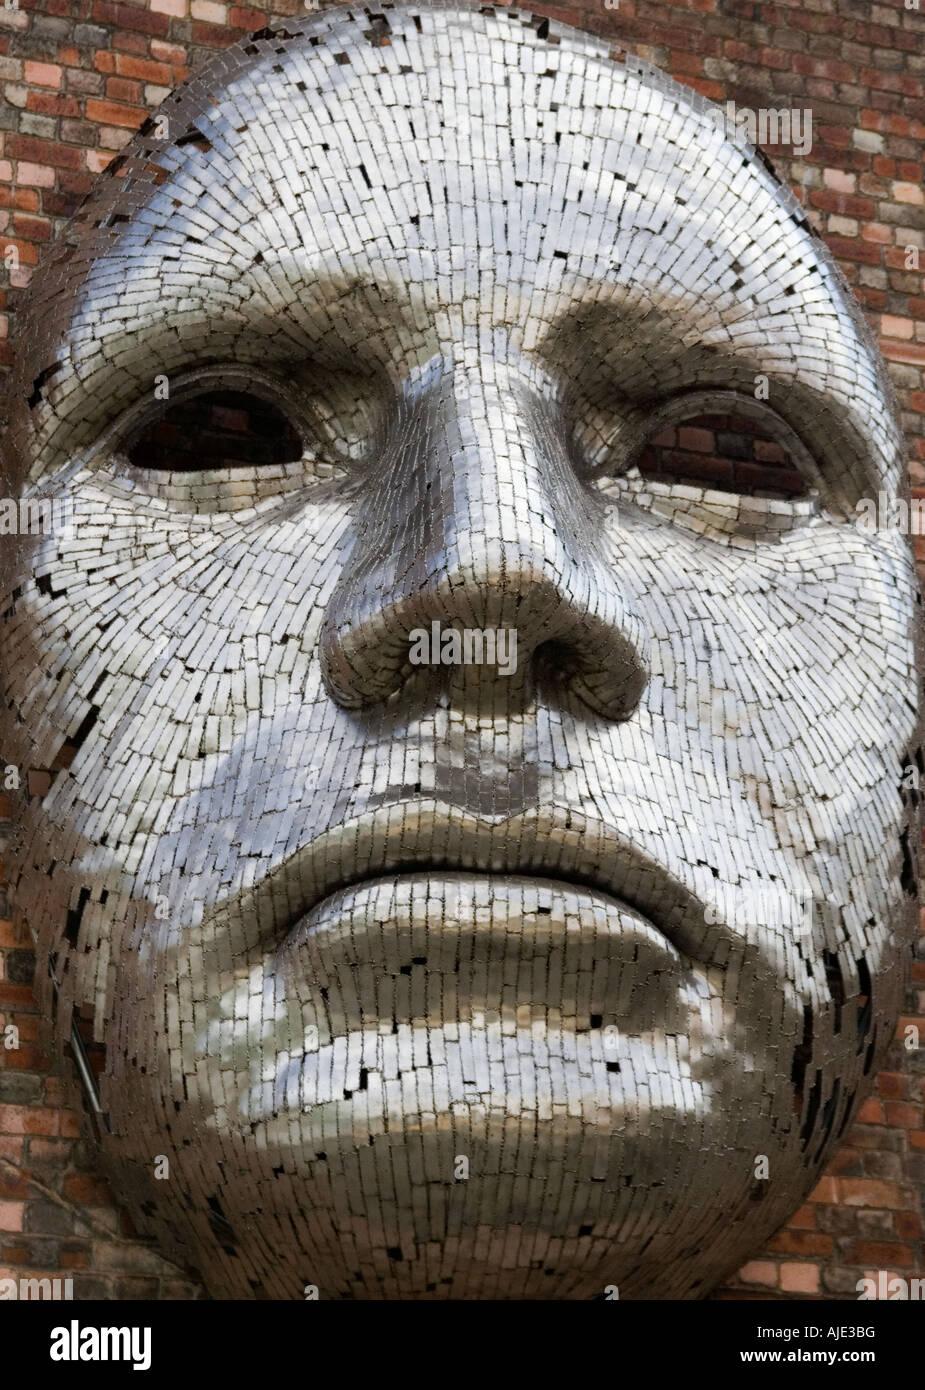 Metall Skulptur Auf Einer Wand Riesigen Gesicht Kunst Im Offentlichen Raum In Lincoln City Ausserhalb Des Veranstaltungsortes Bezeichnet Die Drill Halle Stockfotografie Alamy